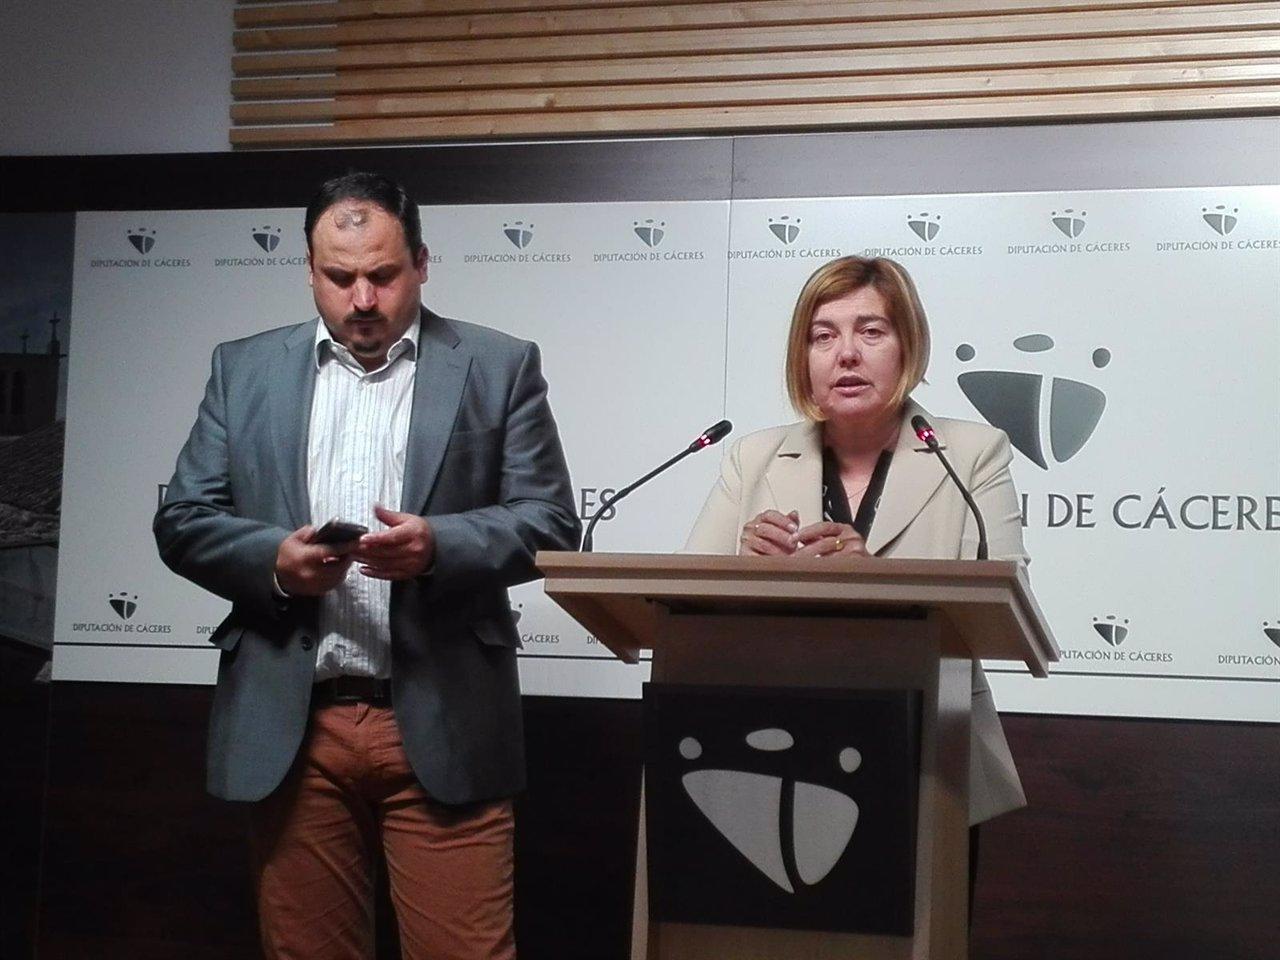 www diputacion de caceres es: